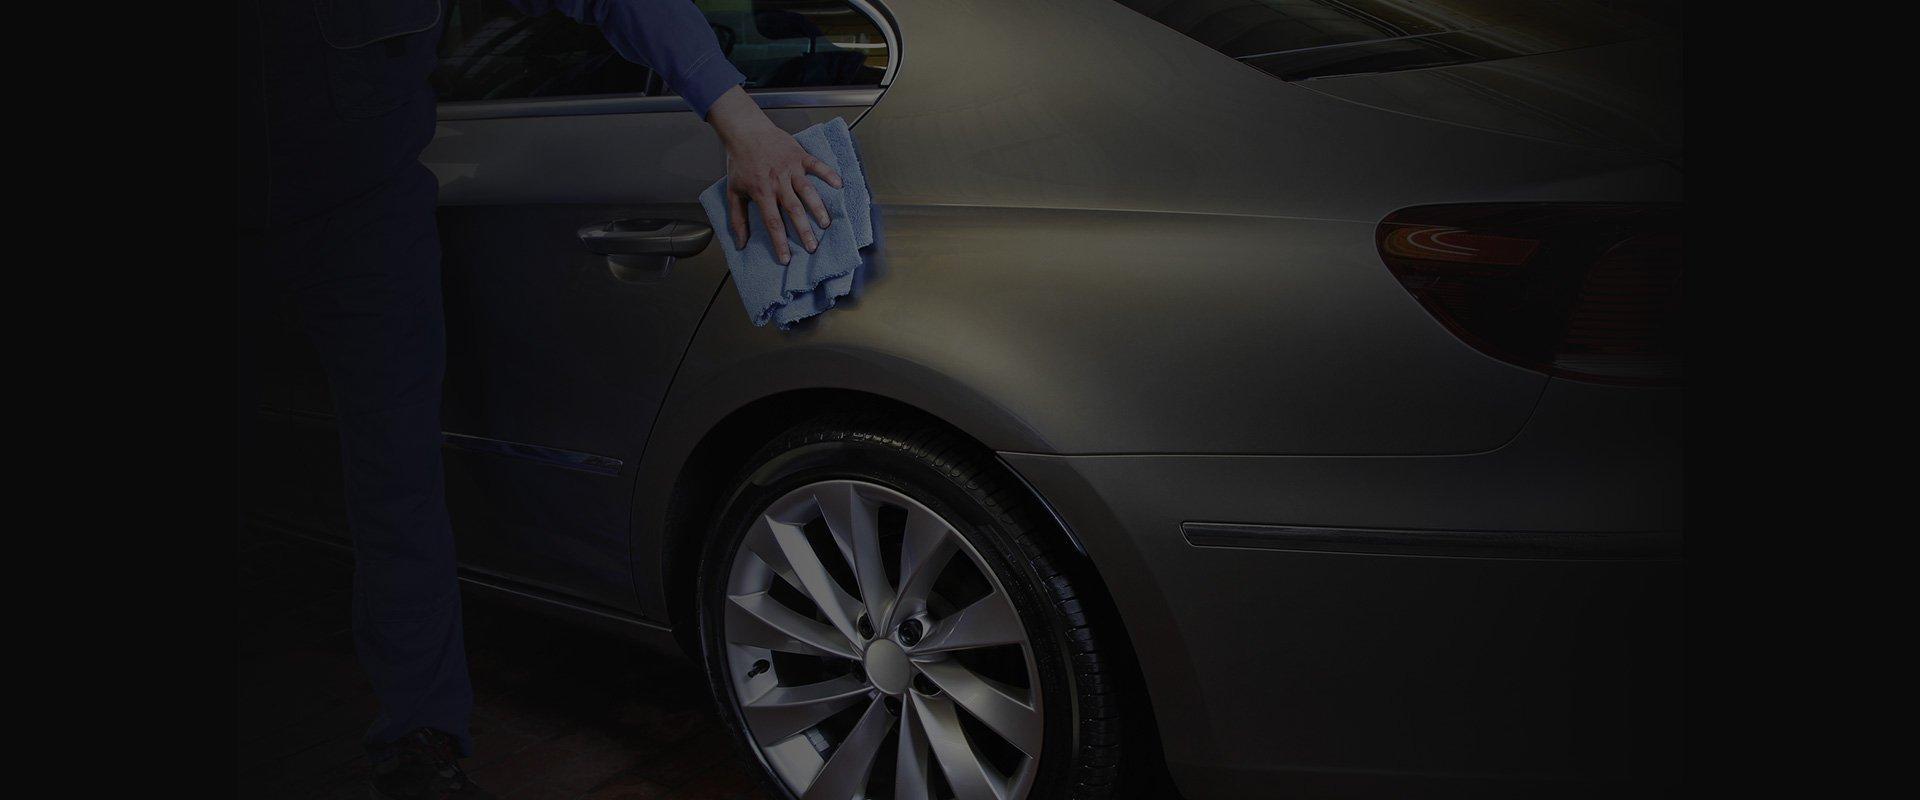 CKLEAN AUTO 45 | Nettoyage extérieur de votre voiture